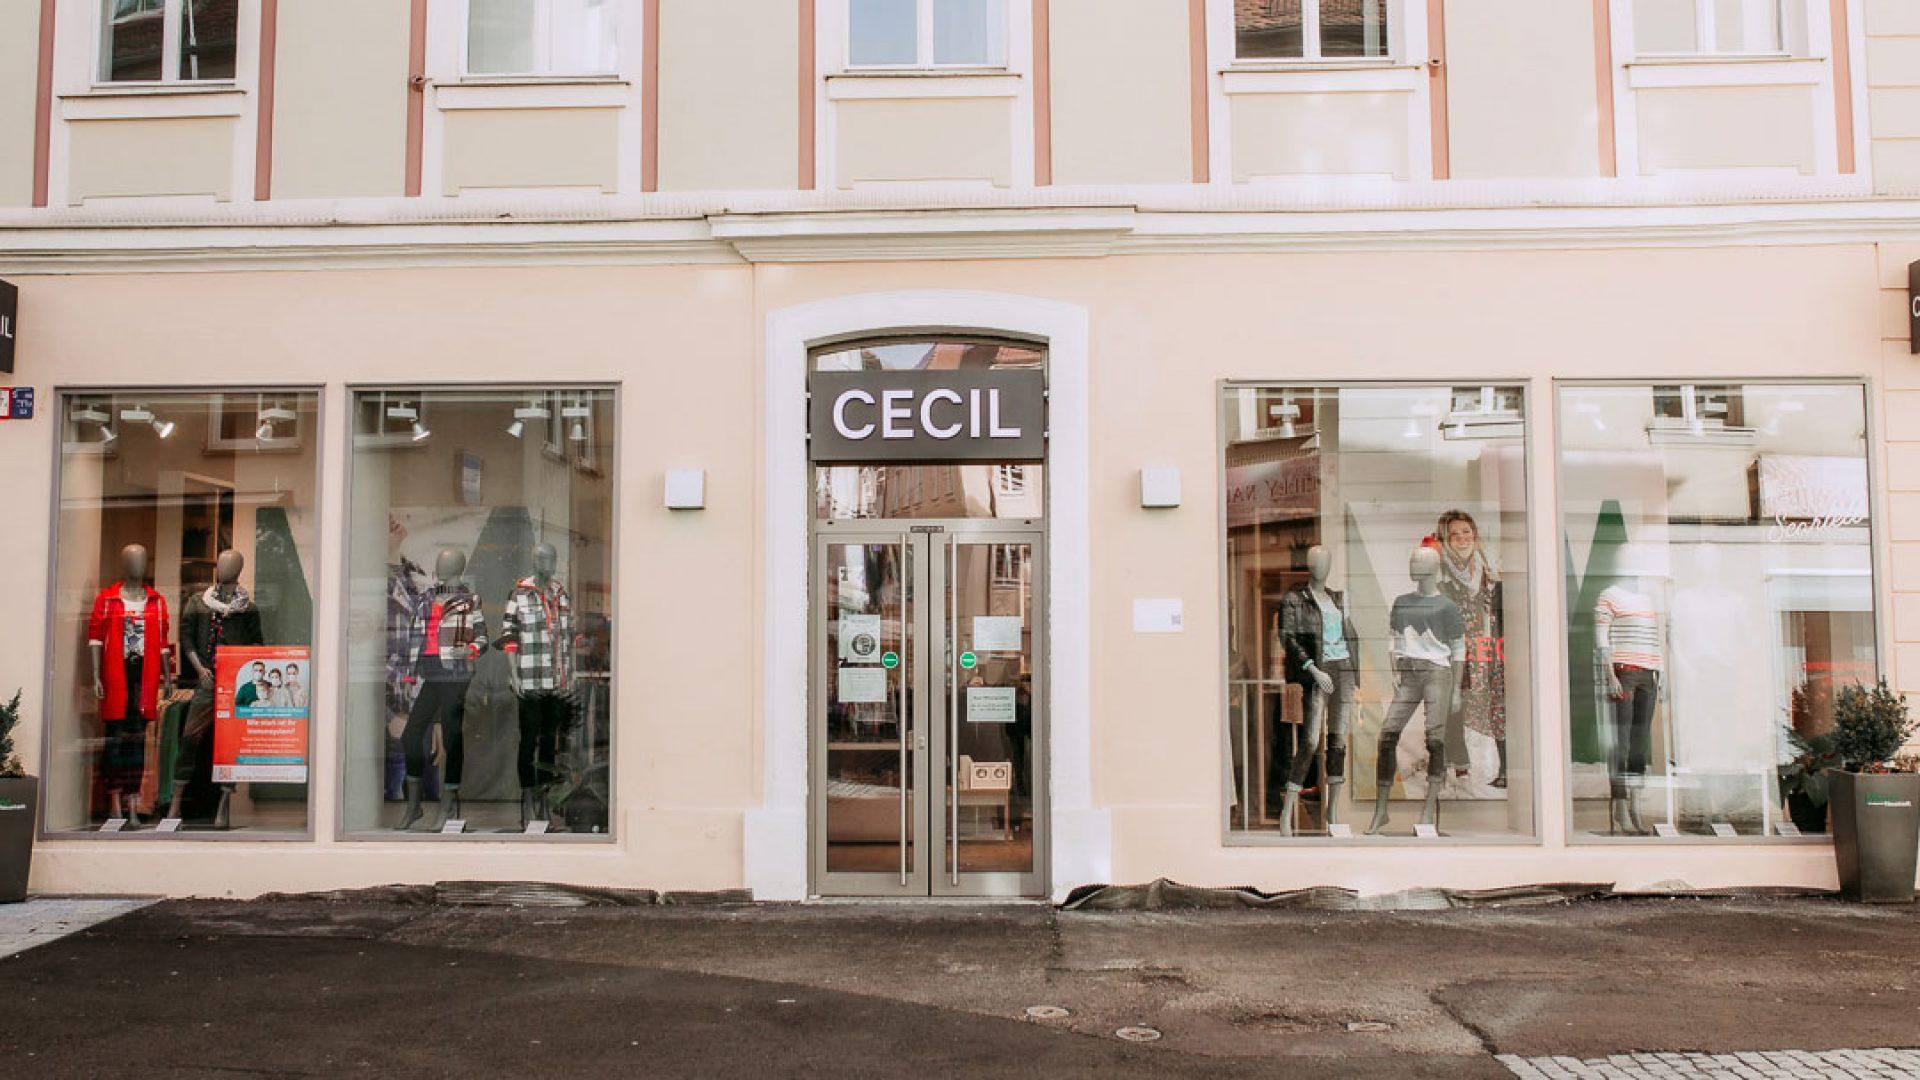 Einkaufen-in-Ansbach-Cecil